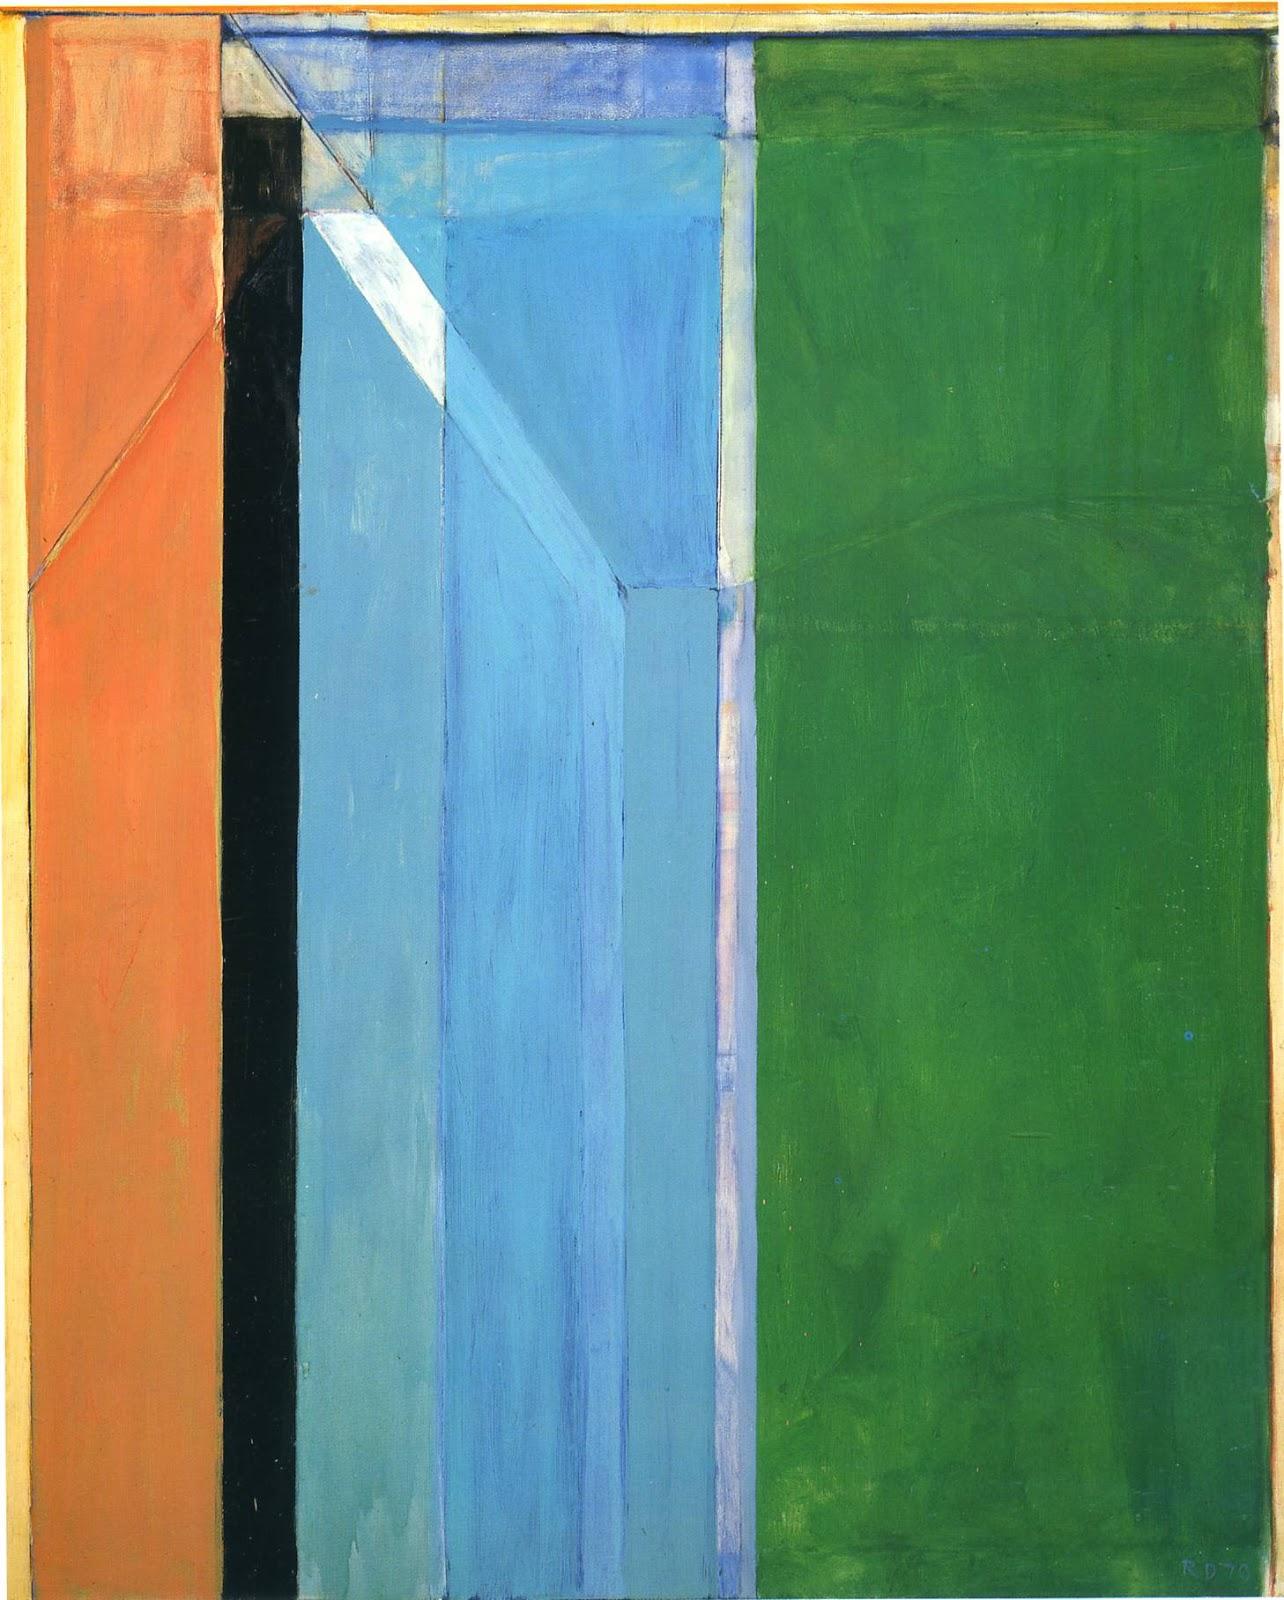 ART & ARTISTS: Richard Diebenkorn \'Ocean Park Series\'